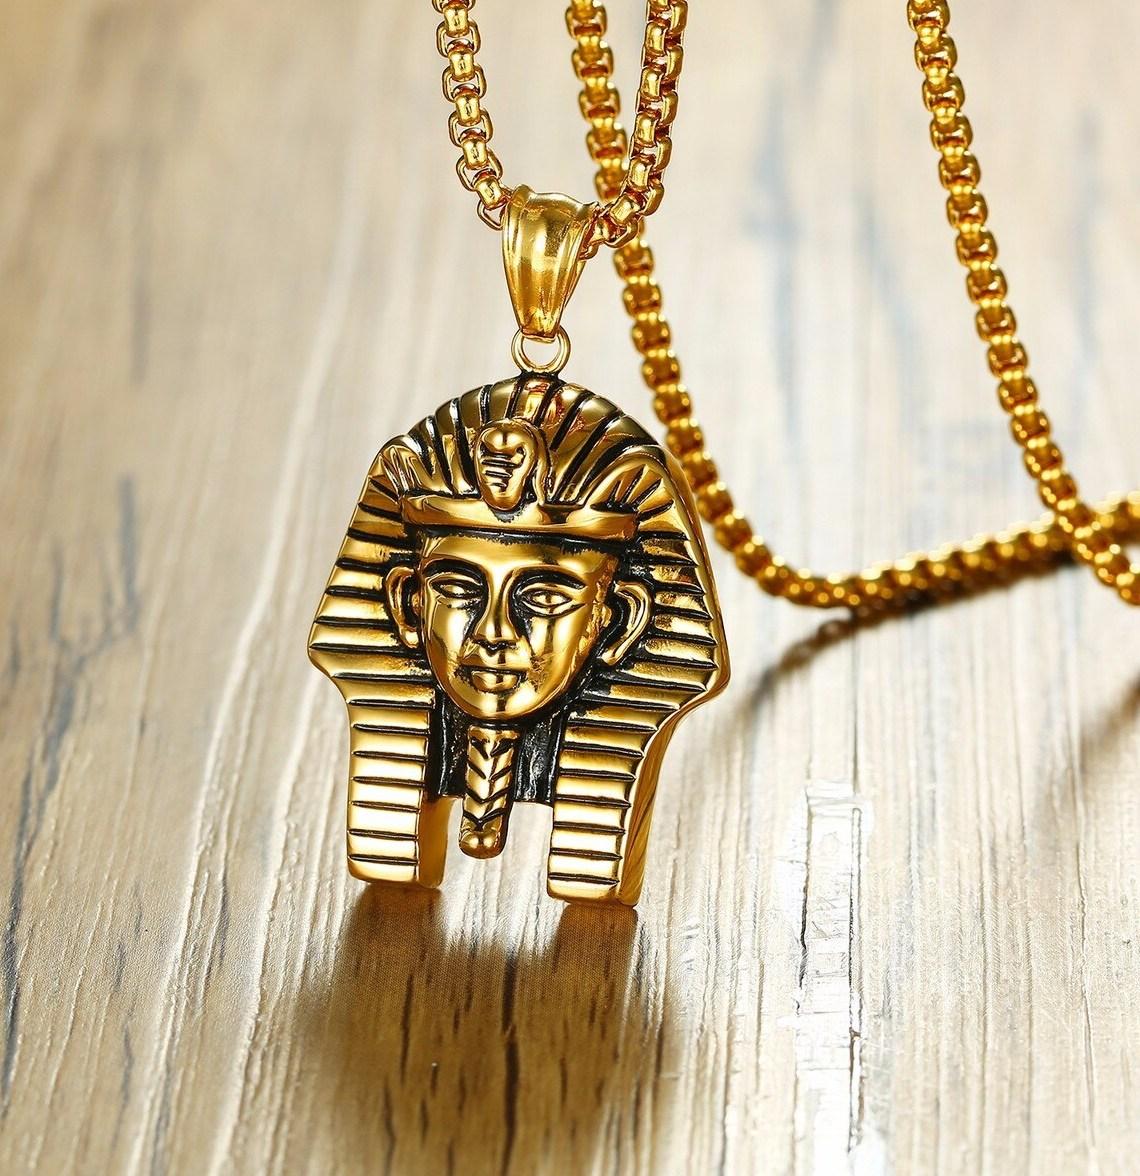 انخفاض سعر الذهب اليوم في مصر السبت 12 يونيو 2021 3